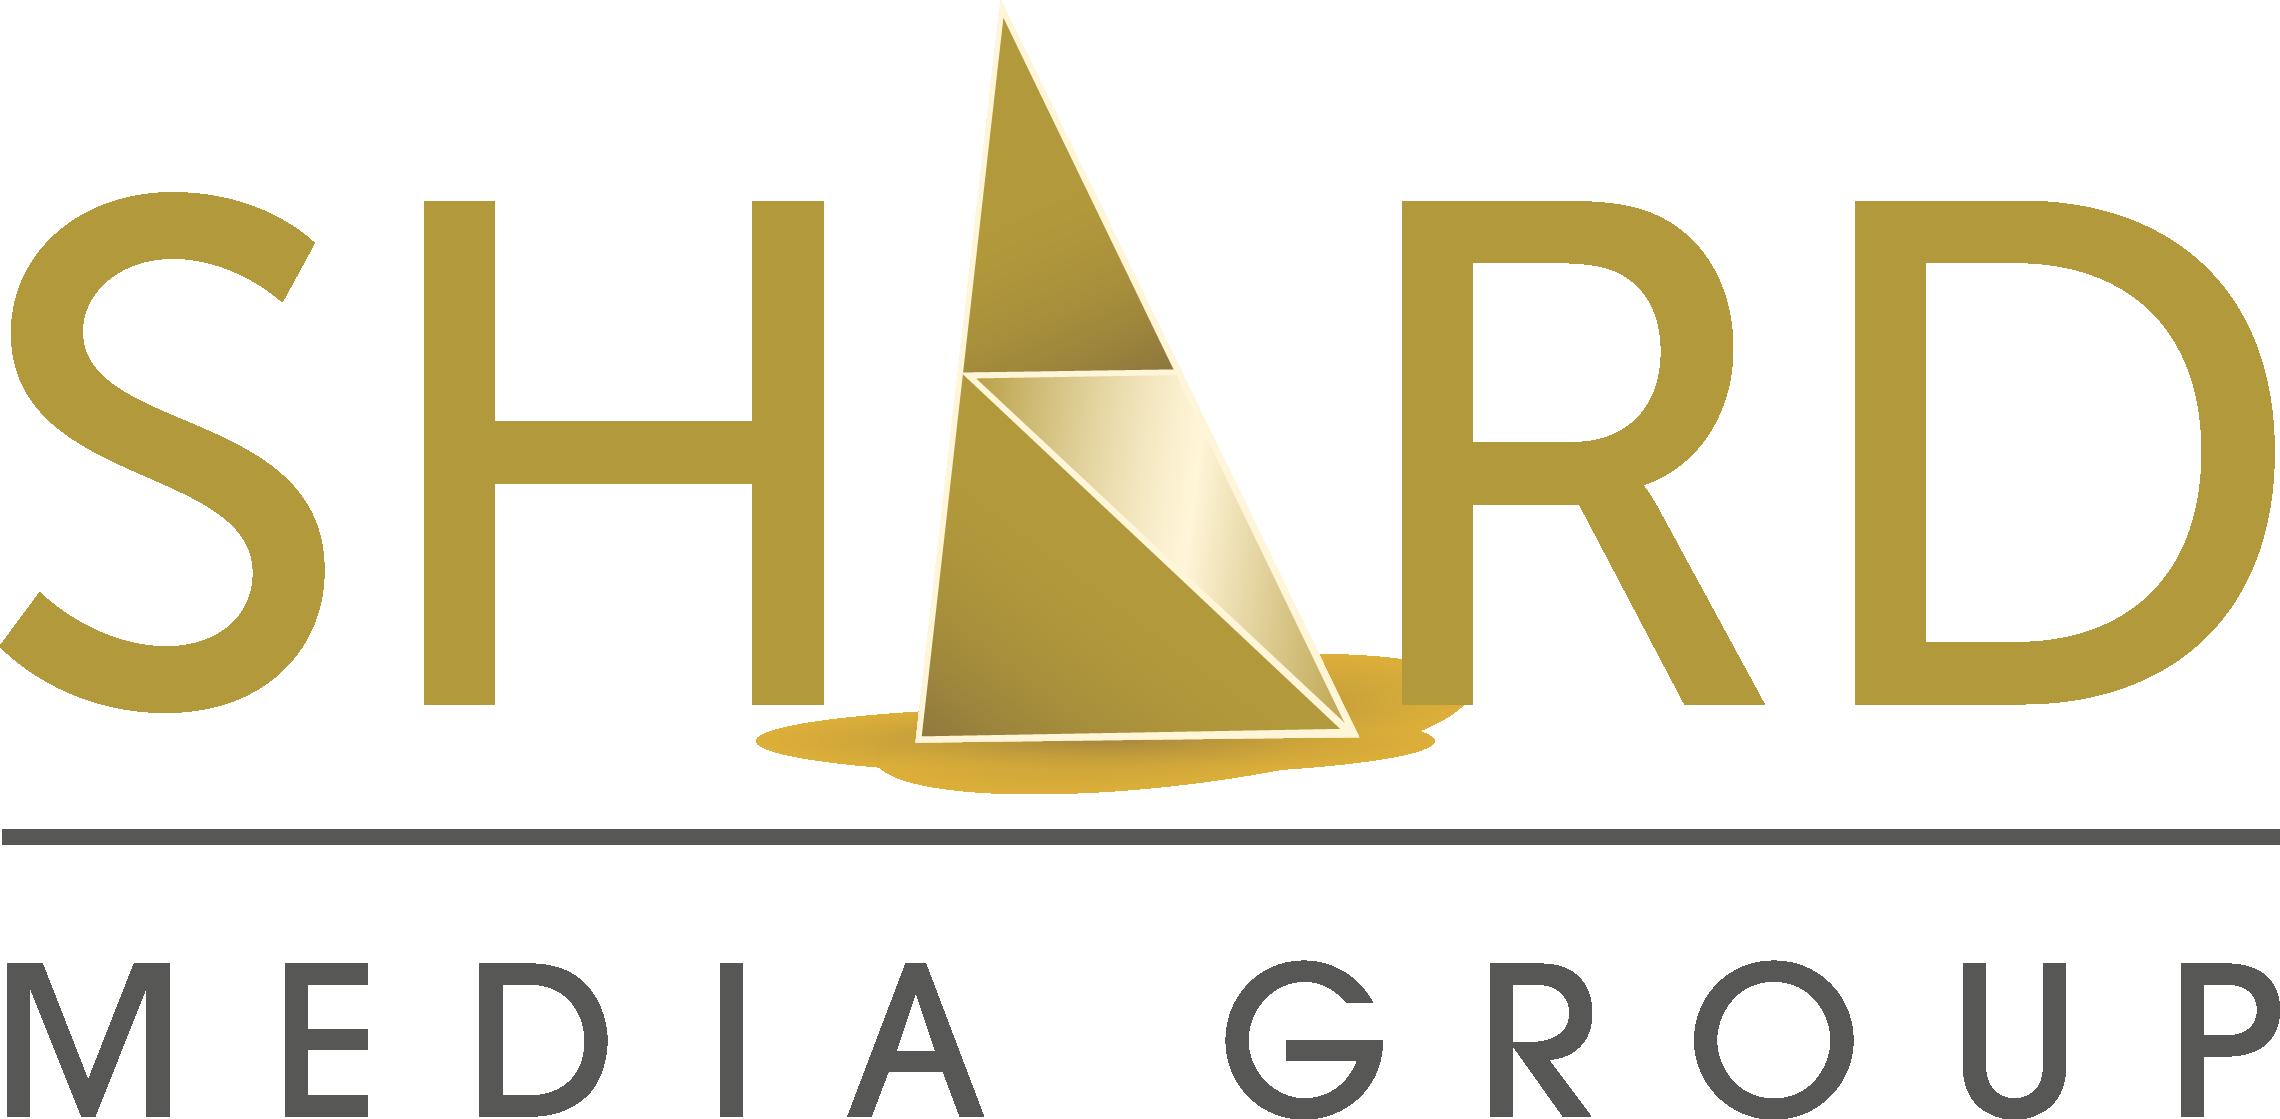 ShardMediaGroup_transparent.png